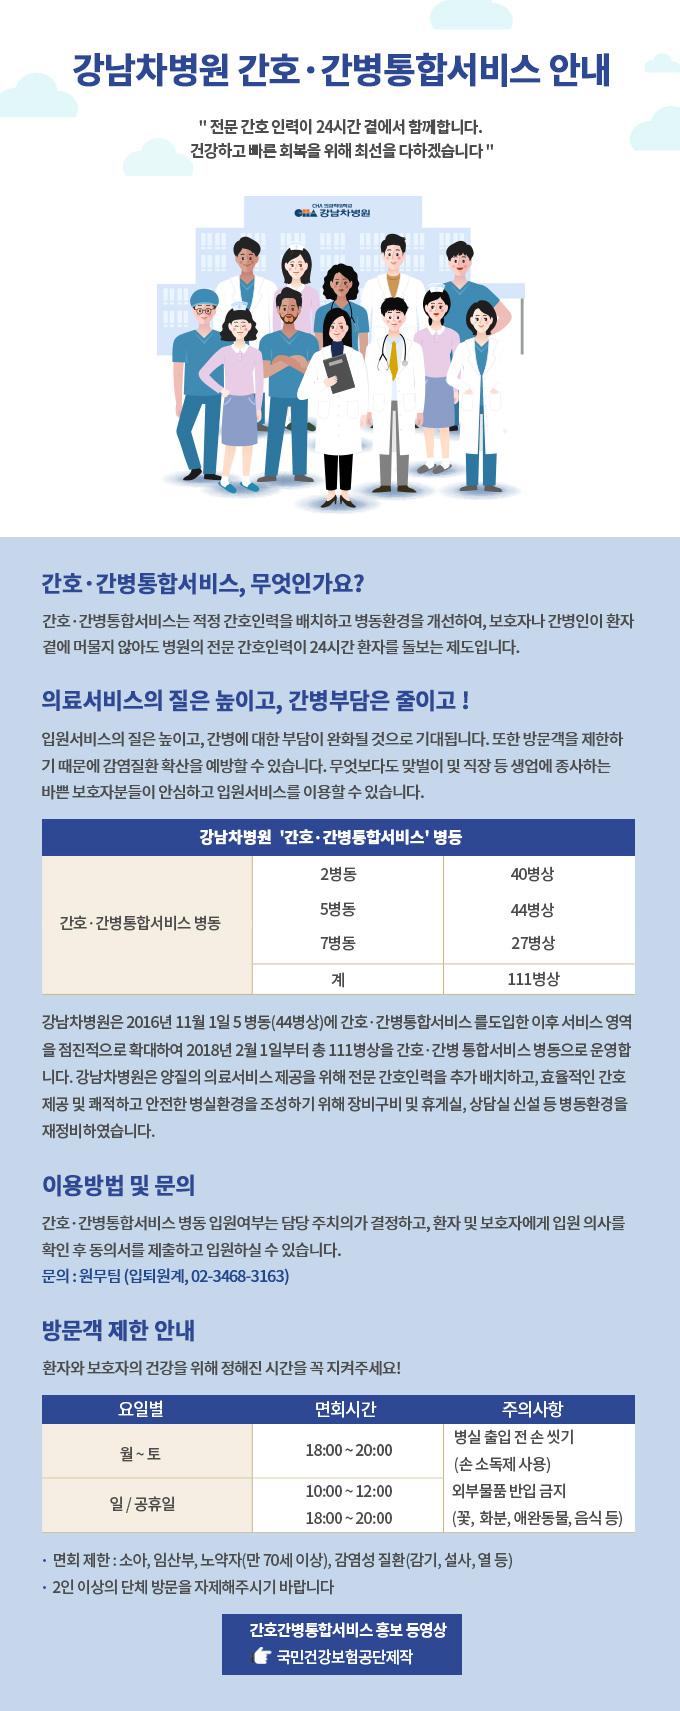 강남차병원 간호간병통합서비스 안내